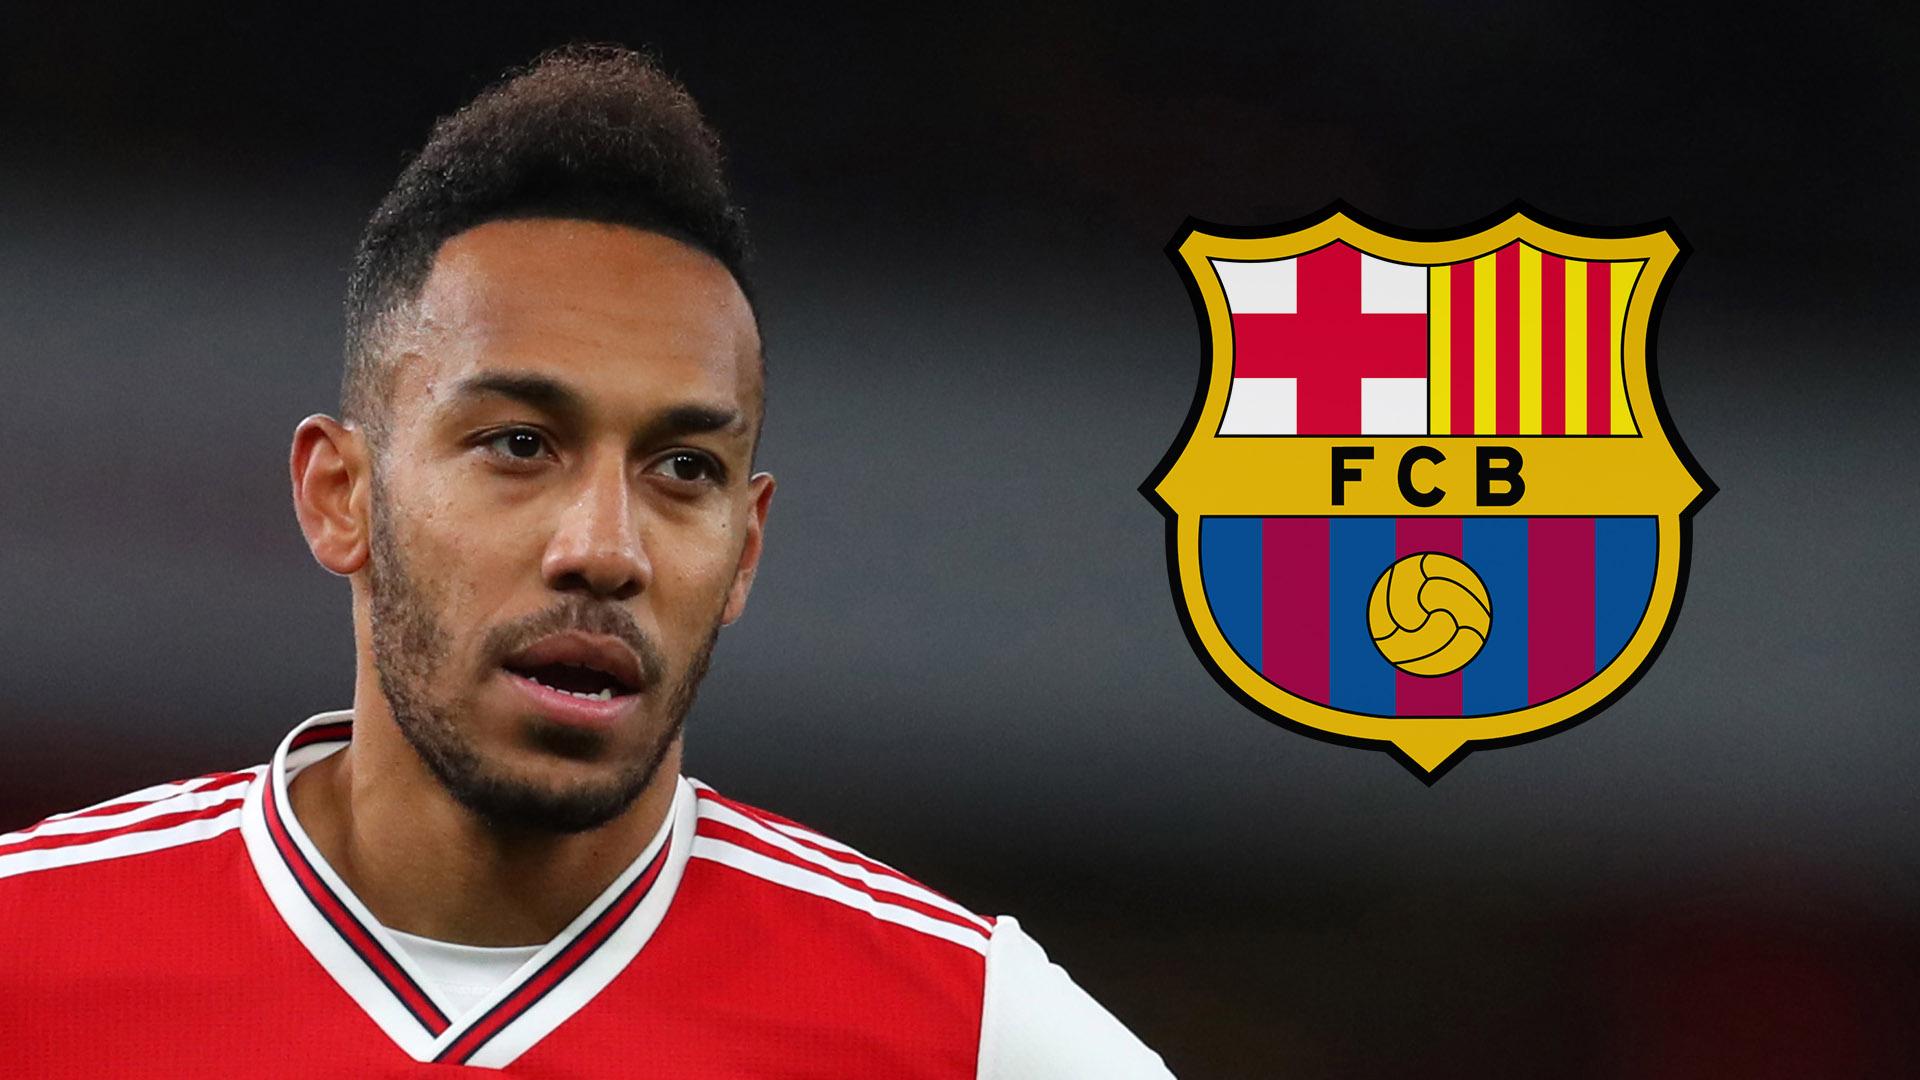 Barca nhập cuộc, khả năng Arsenal mất Aubameyang đang lớn hơn bao giờ hết - Bóng Đá